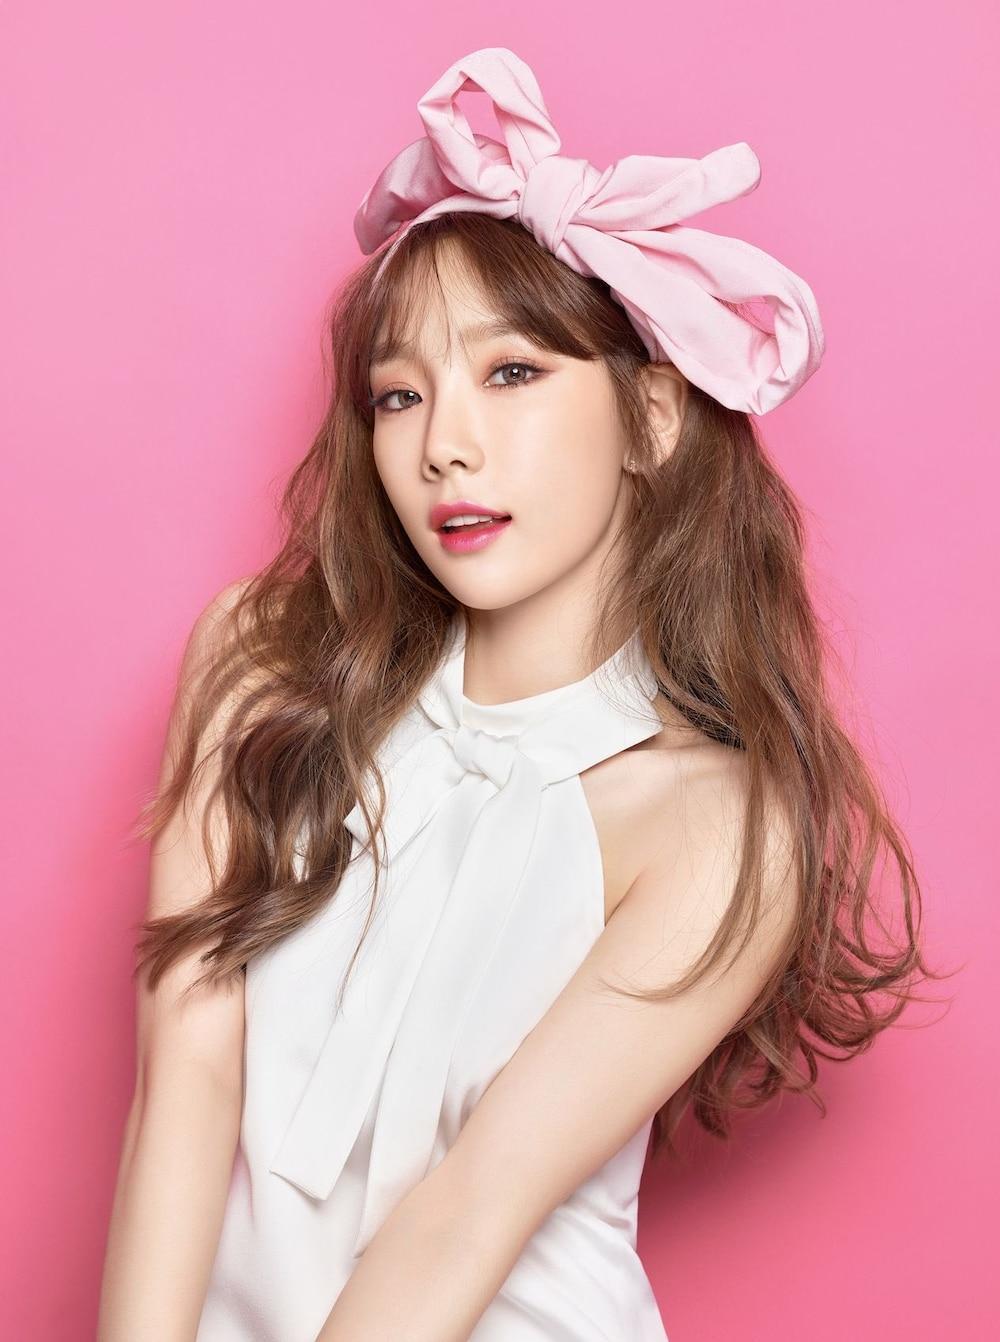 Số 39 liên quan đến Taeyeon vì cô nàng có ngày sinh là ngày 9 tháng 3.